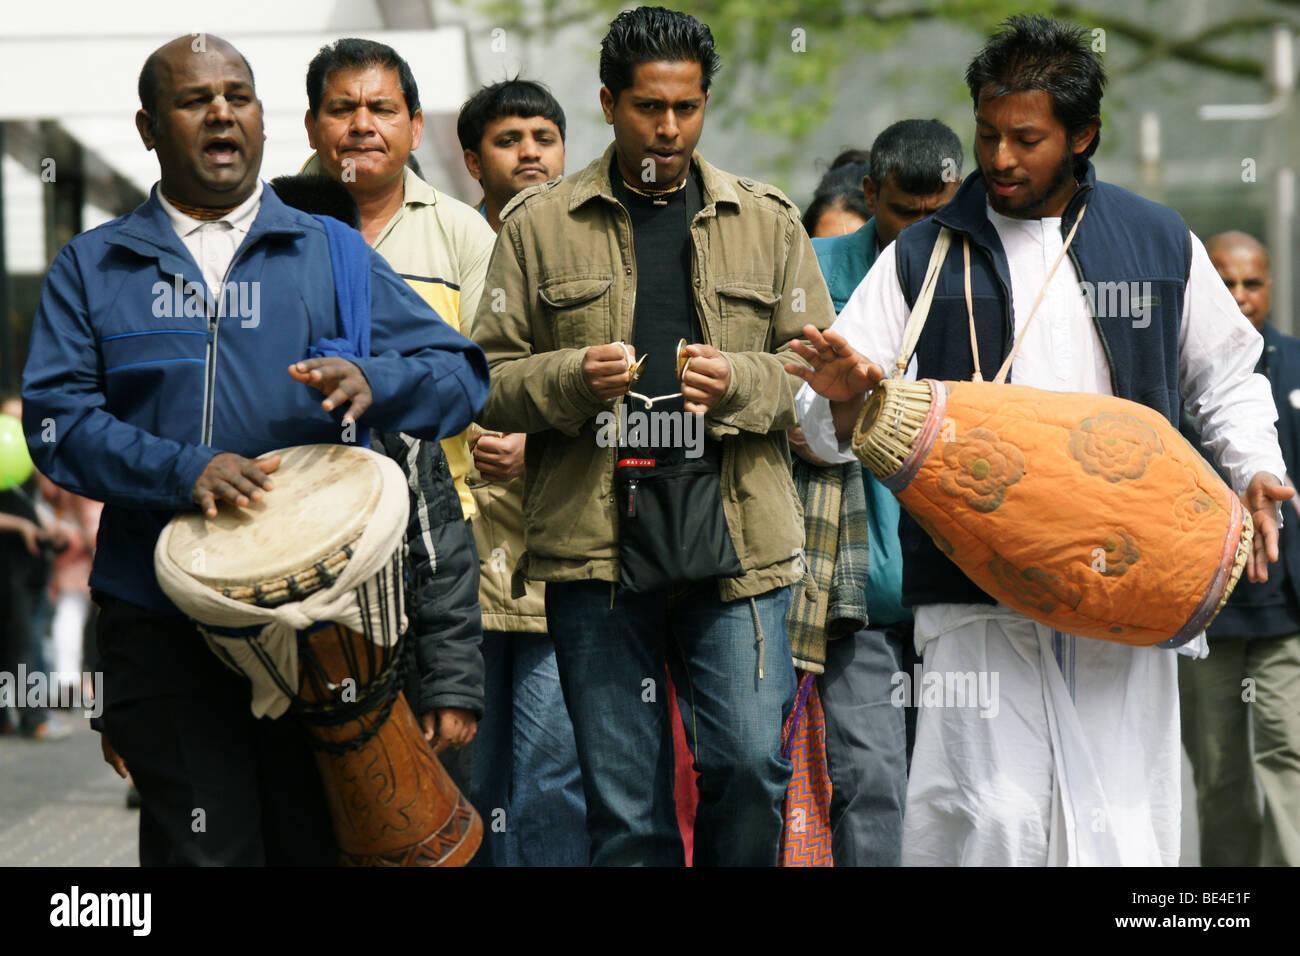 Les dévots de Krishna Hare groupe chantant des mantras de tambour à jouer de la musique à rues de Rotterdam Pays-Bas Banque D'Images